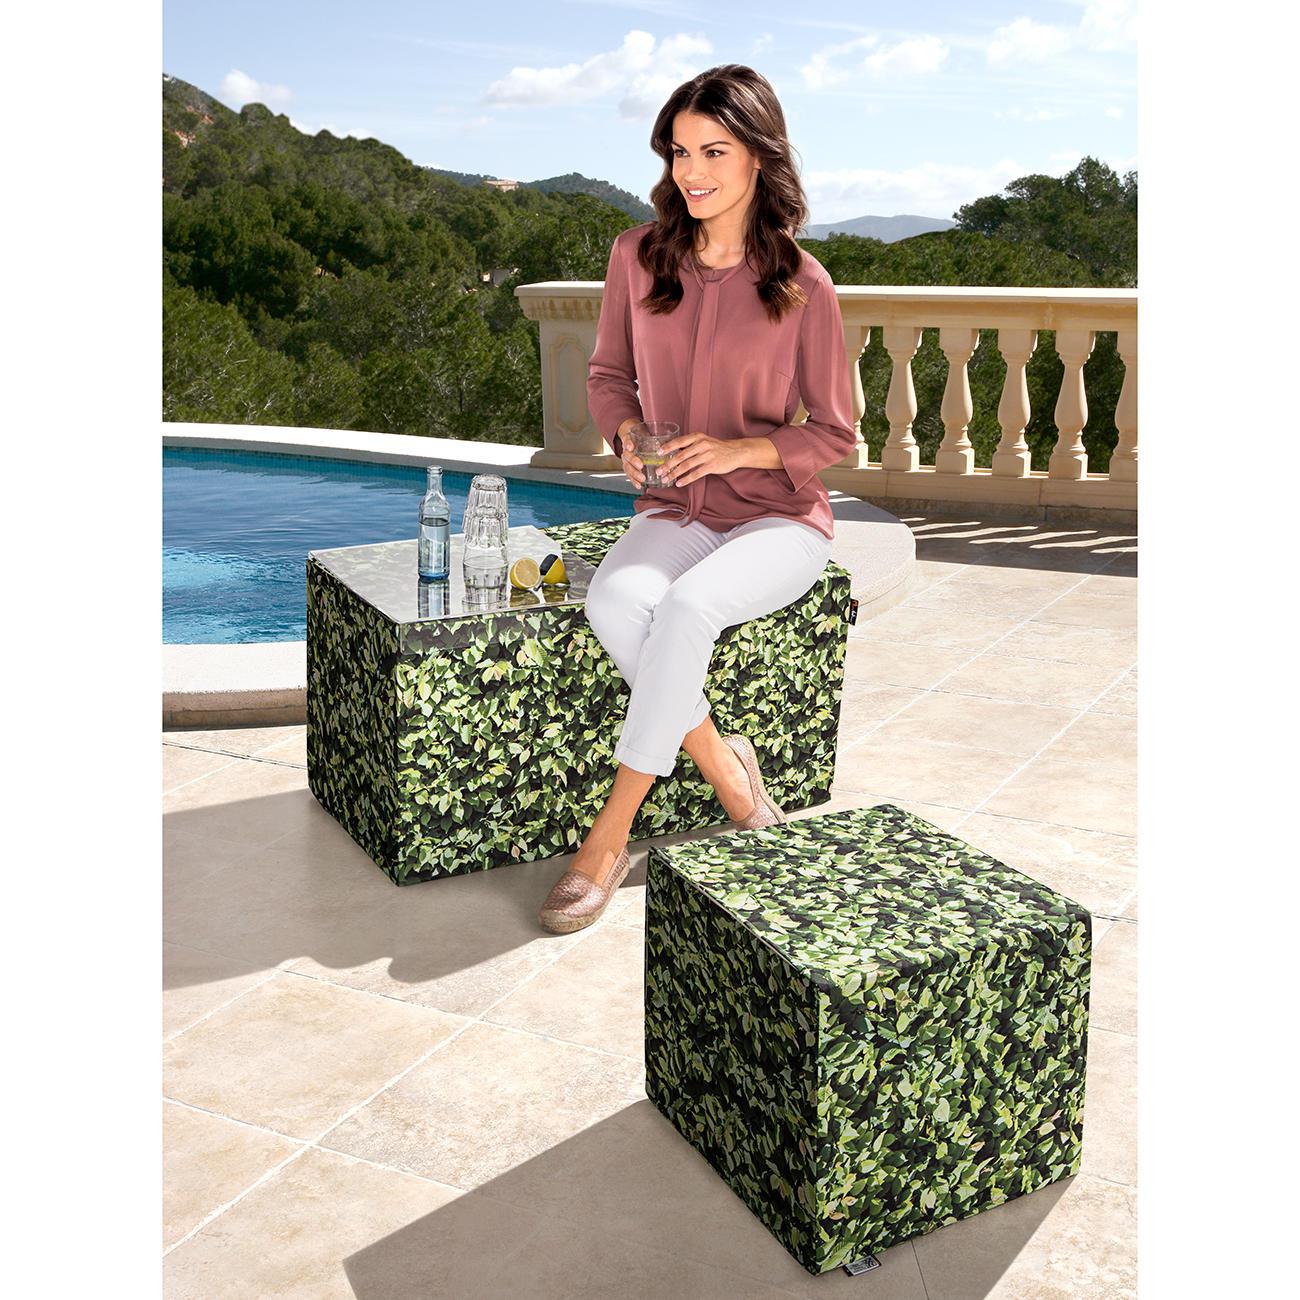 hainbuchen m bel 3 jahre garantie pro idee. Black Bedroom Furniture Sets. Home Design Ideas